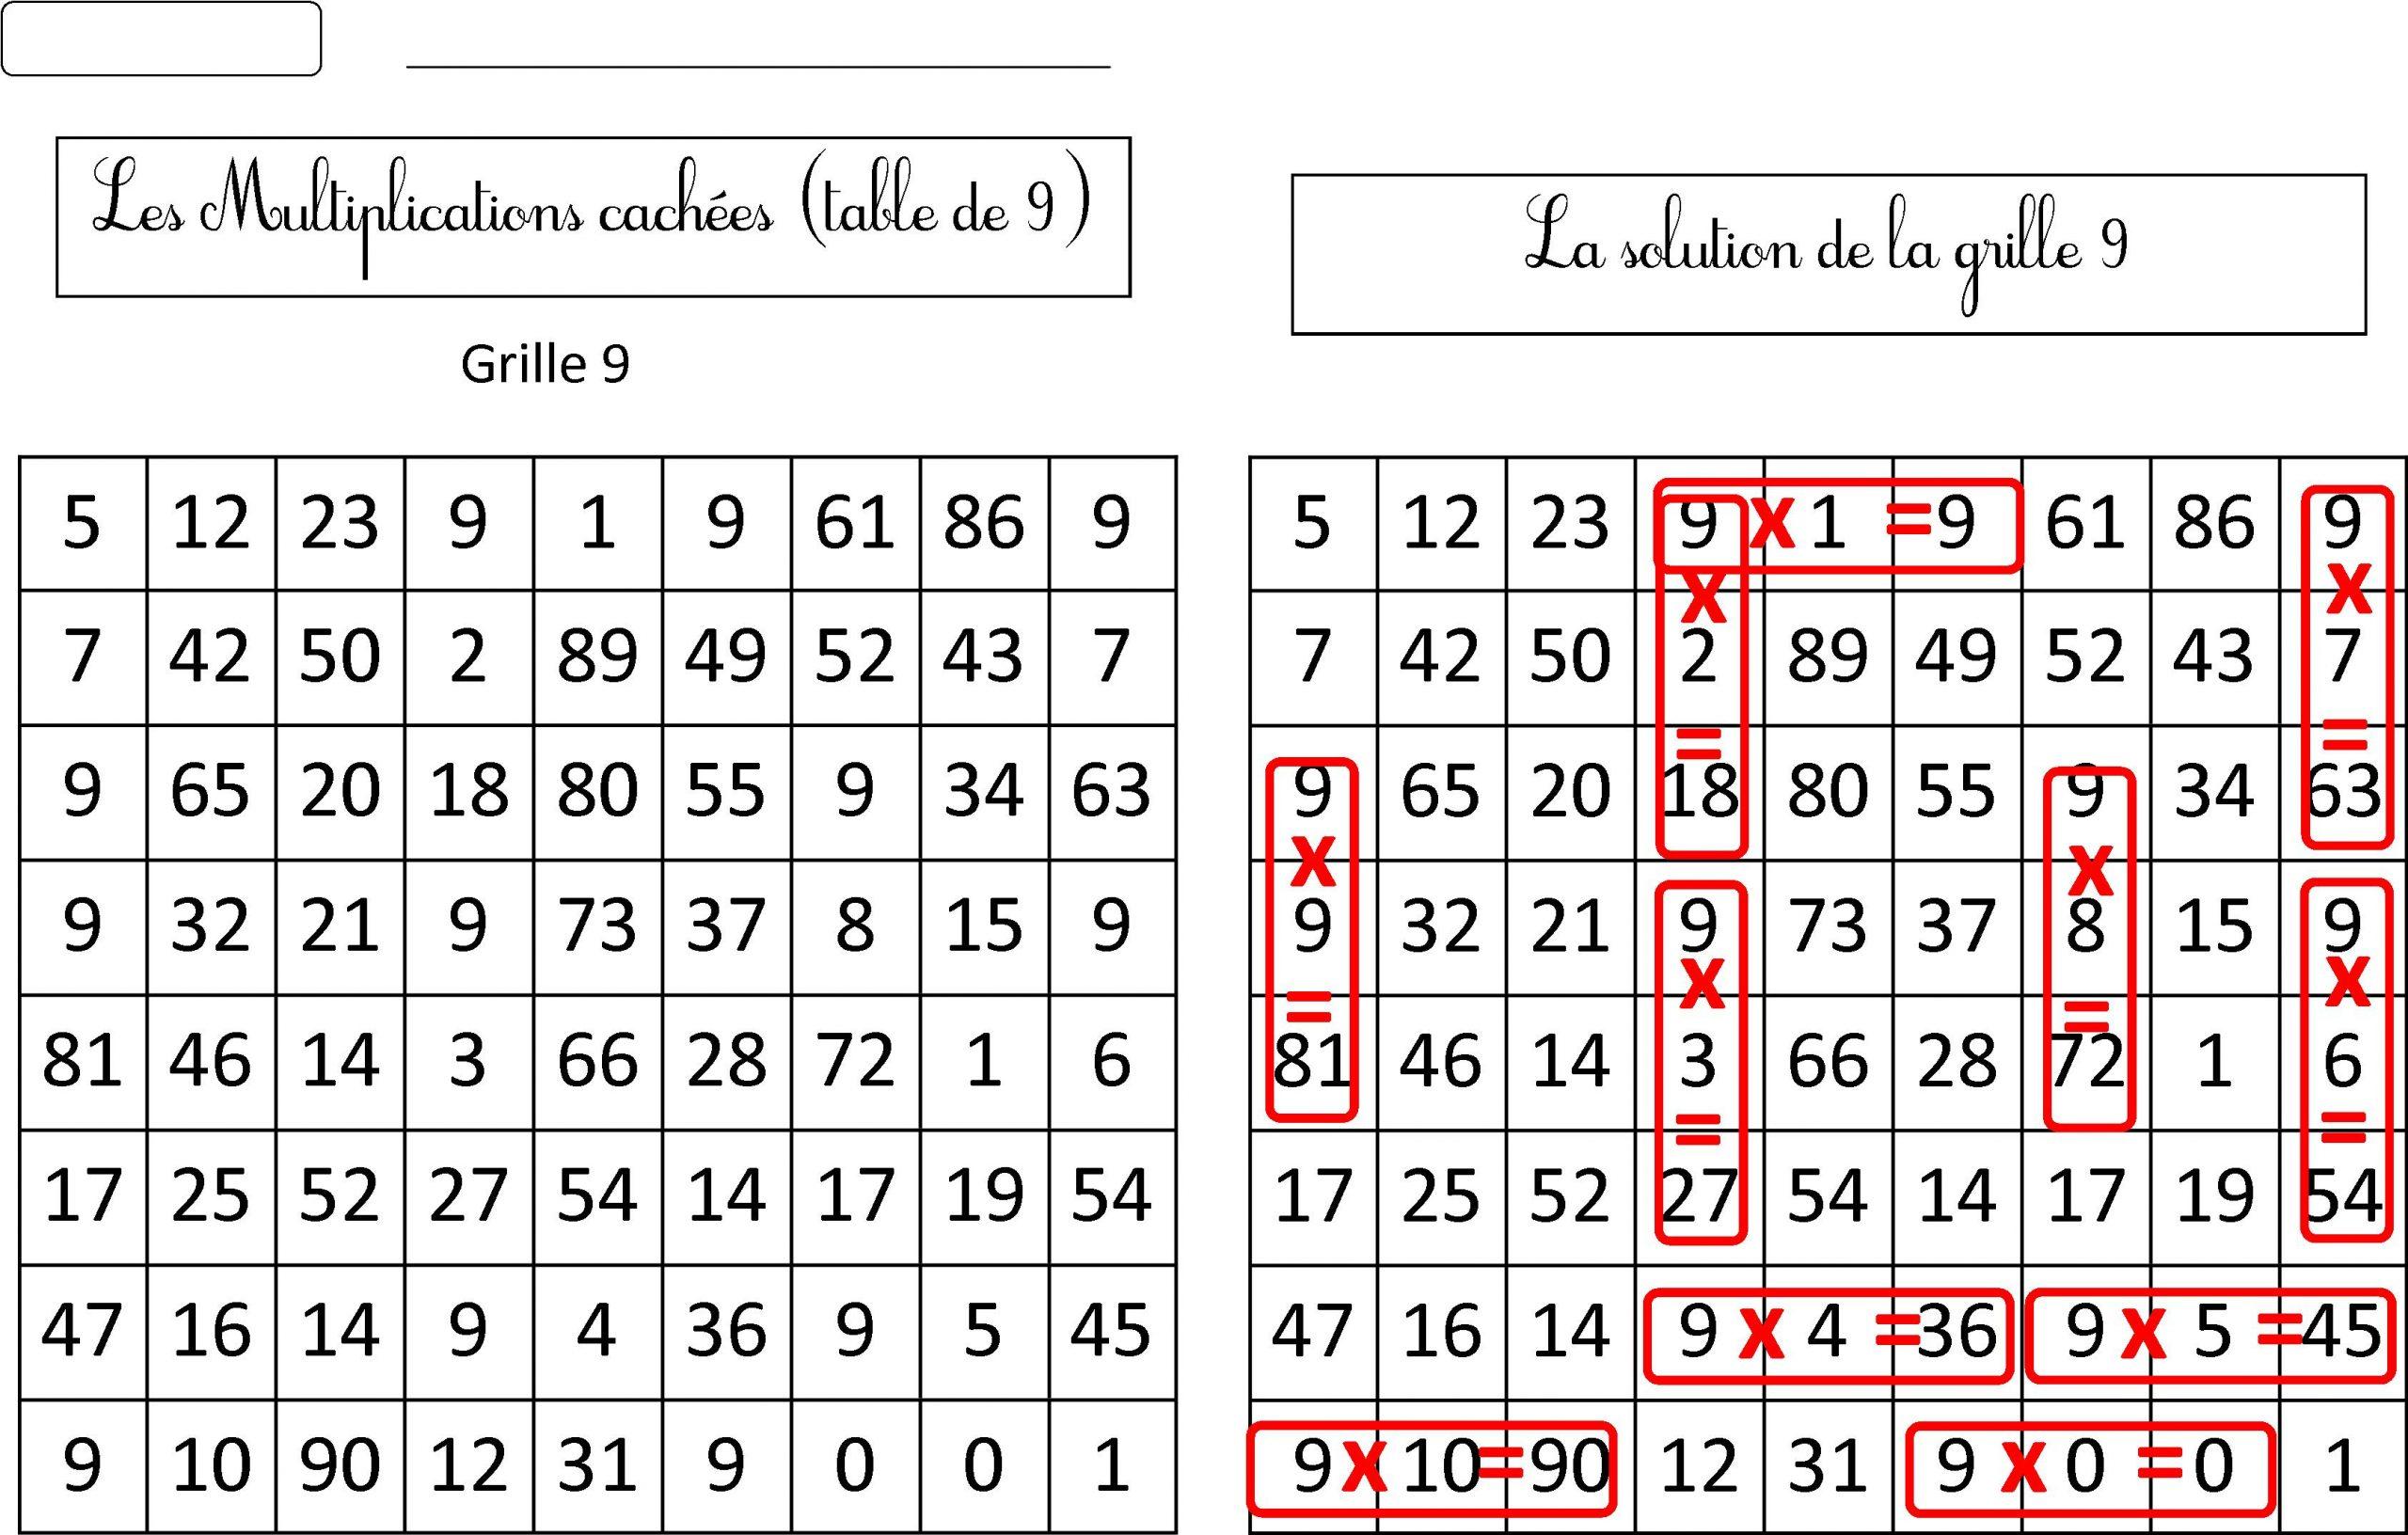 Nouvelles Grilles Multiplications Cachées Tables 6 7 8 9 avec Mots Mêlés Cm2